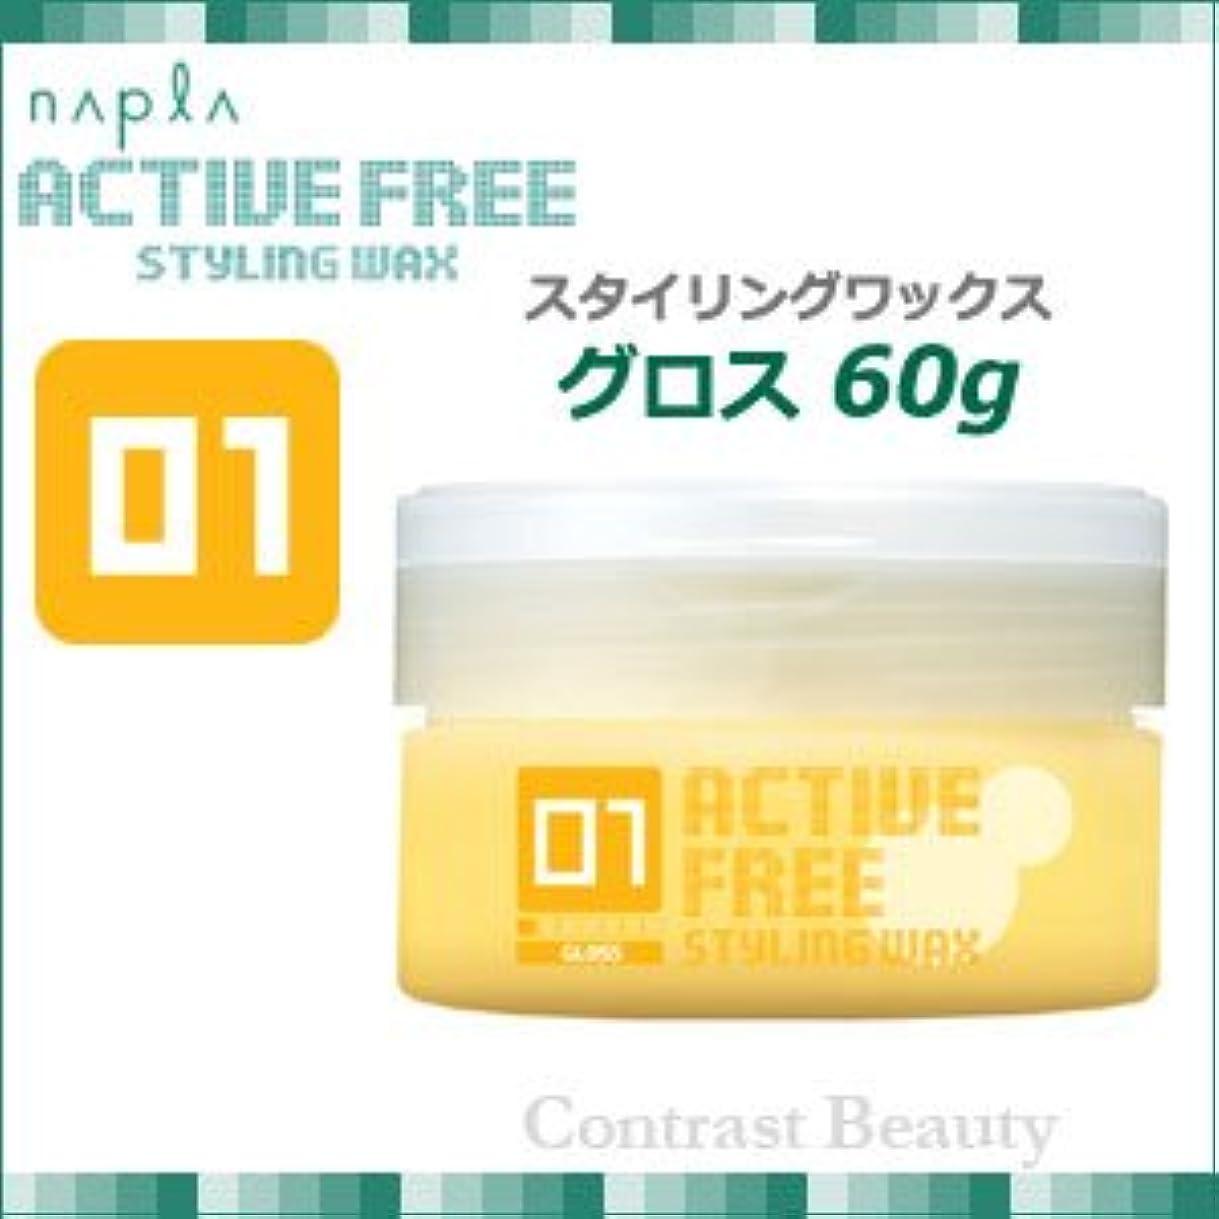 カウンタ輸血スイ【X2個セット】 ナプラ アクティブフリー スタイリングワックス01 グロス 60g napla